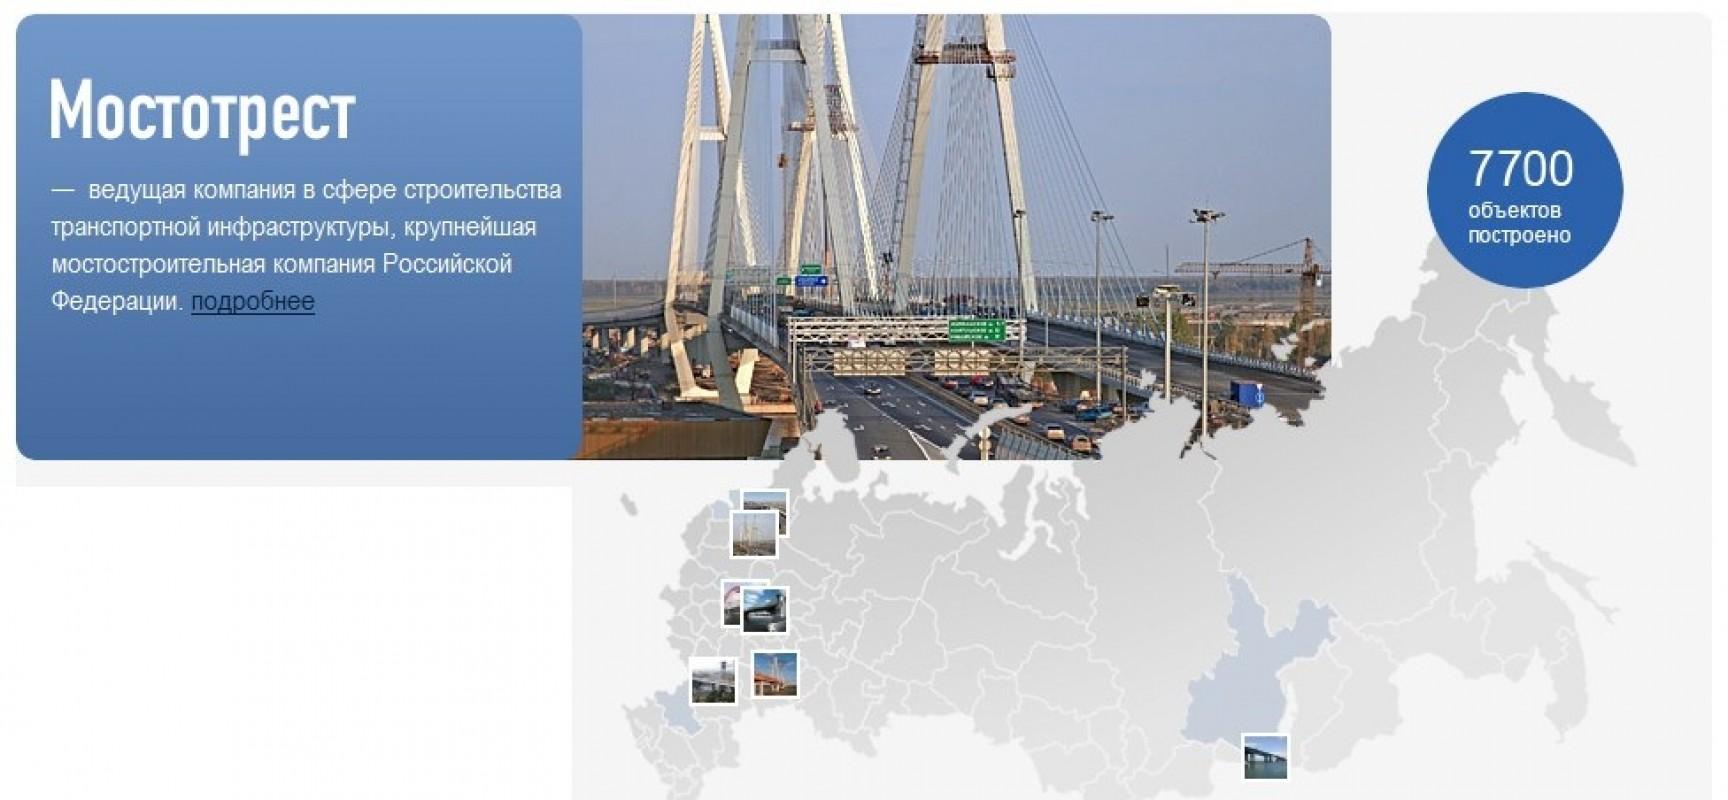 ПАО «Мостотрест» присоединился к строительству моста через Керченский пролив